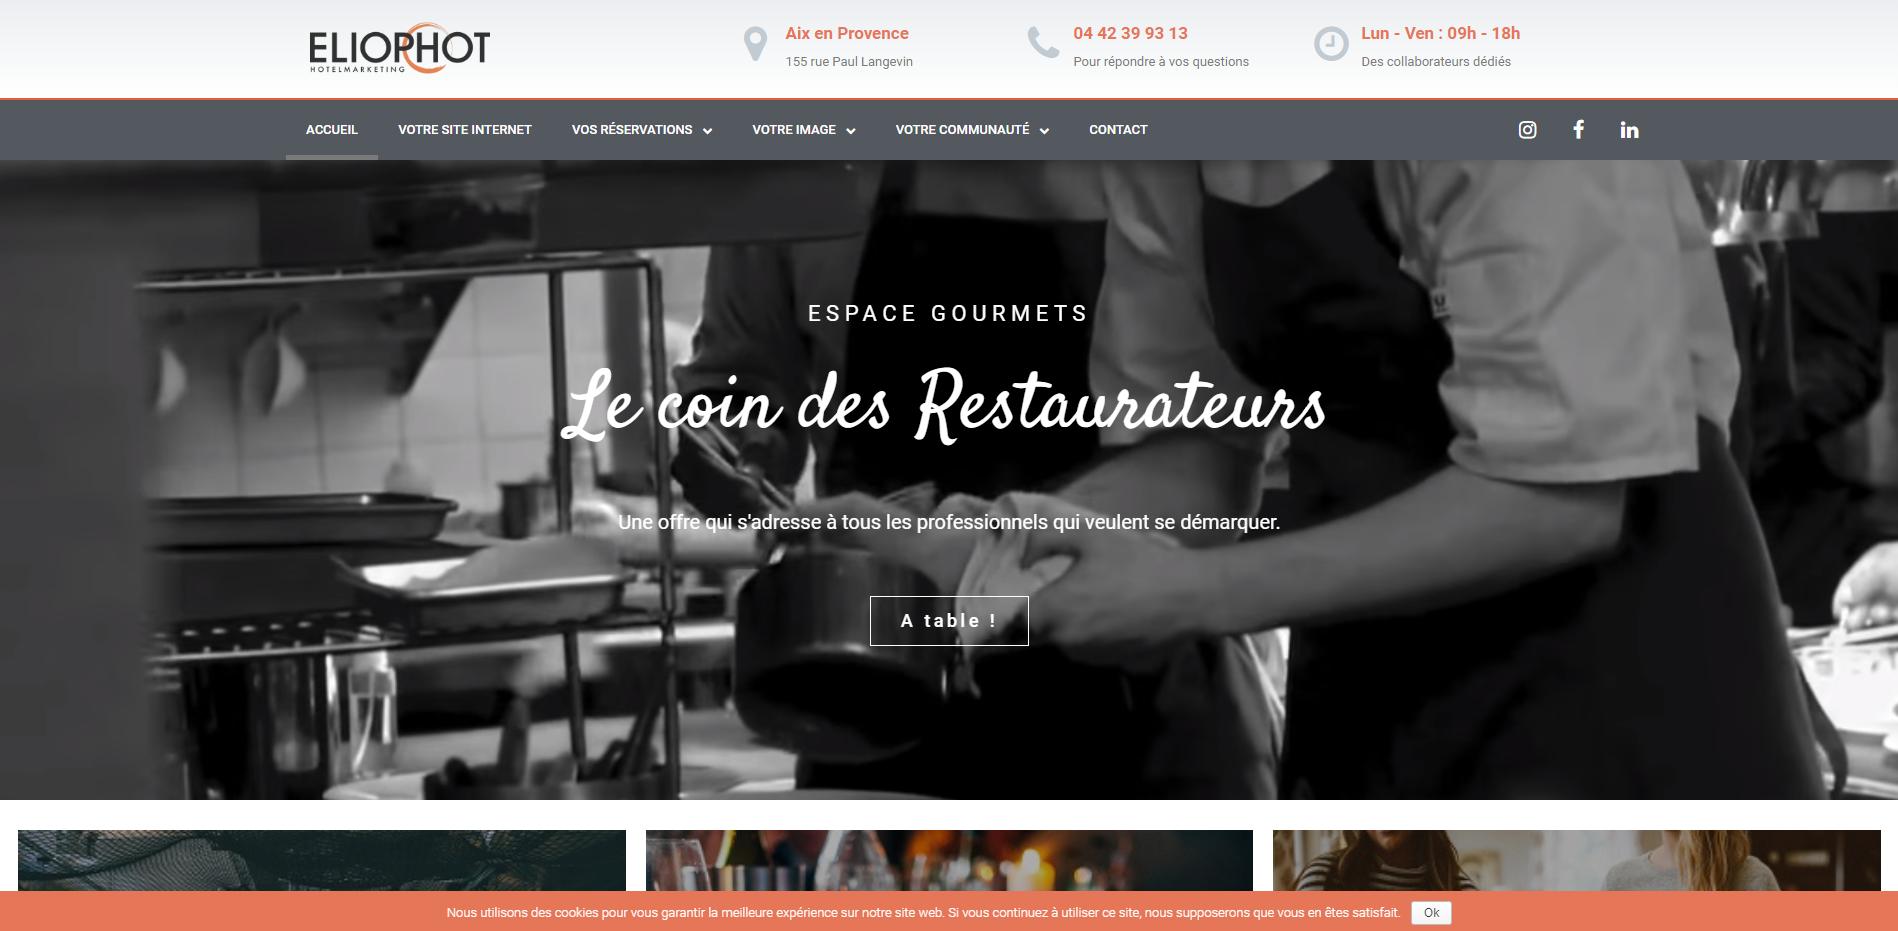 Espace Restauranteurs Eliophot - Geoffrey Leduc - Création site internet